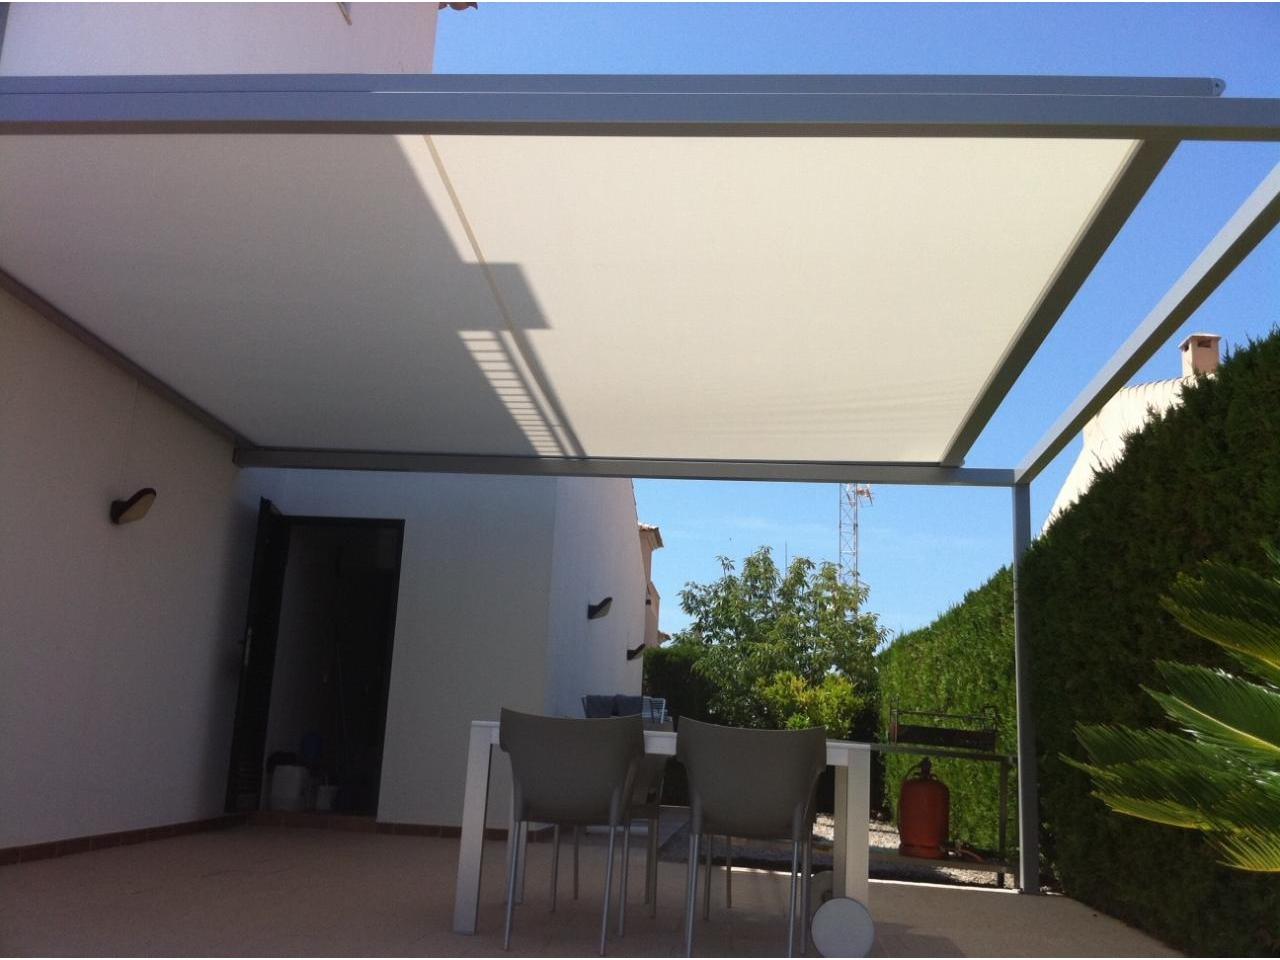 Verandas screenvogue screens barcelona for Guia aluminio para toldo